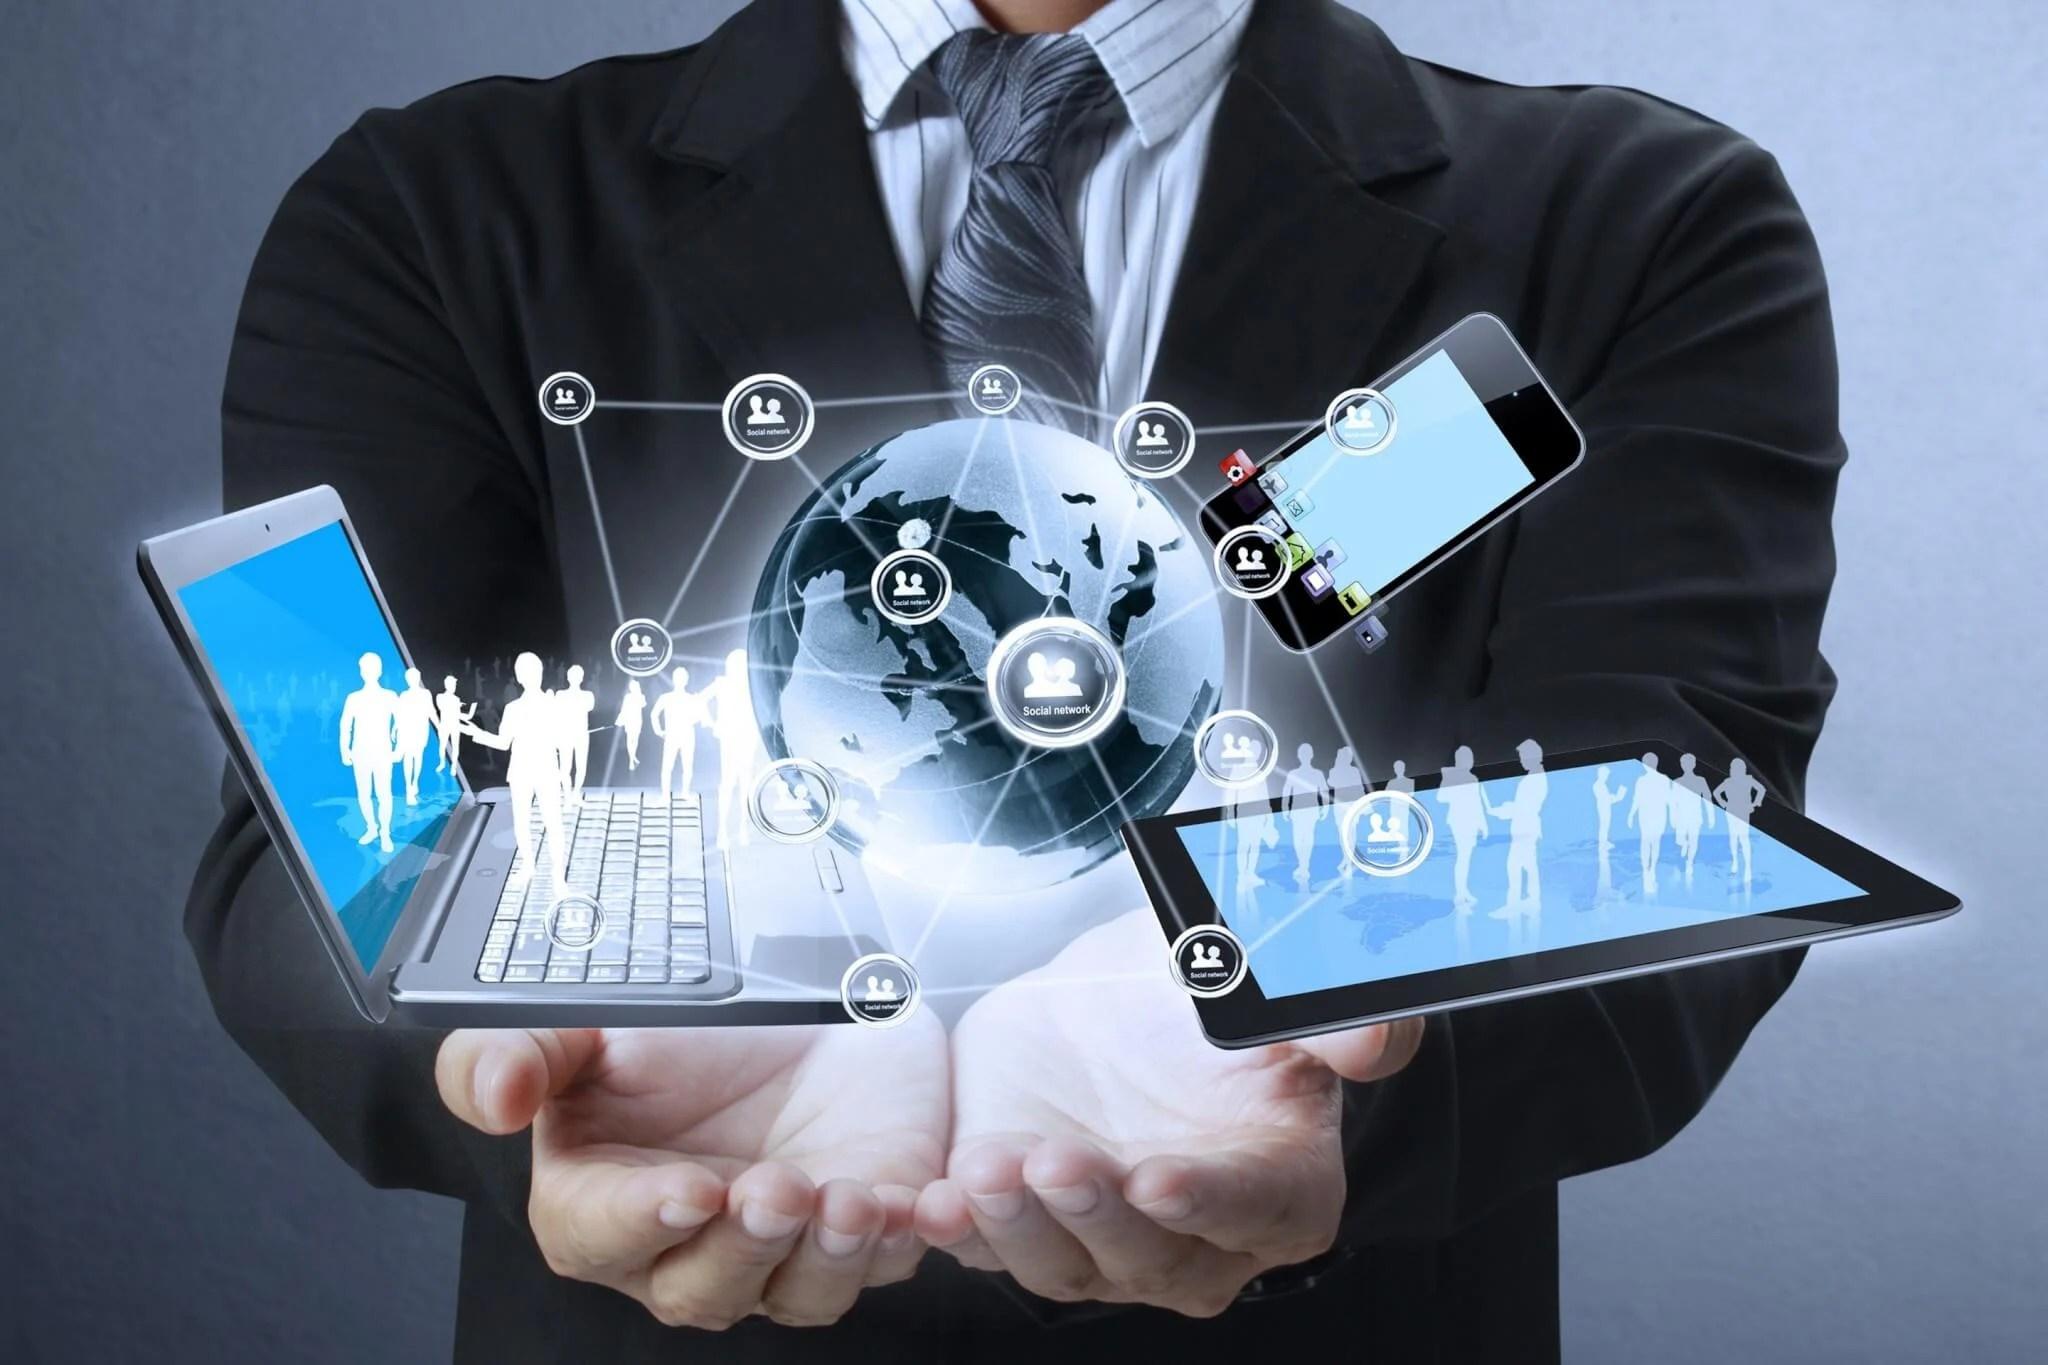 smt swd workspace - Economia do Futuro para o Trabalho: Consumo Consciente